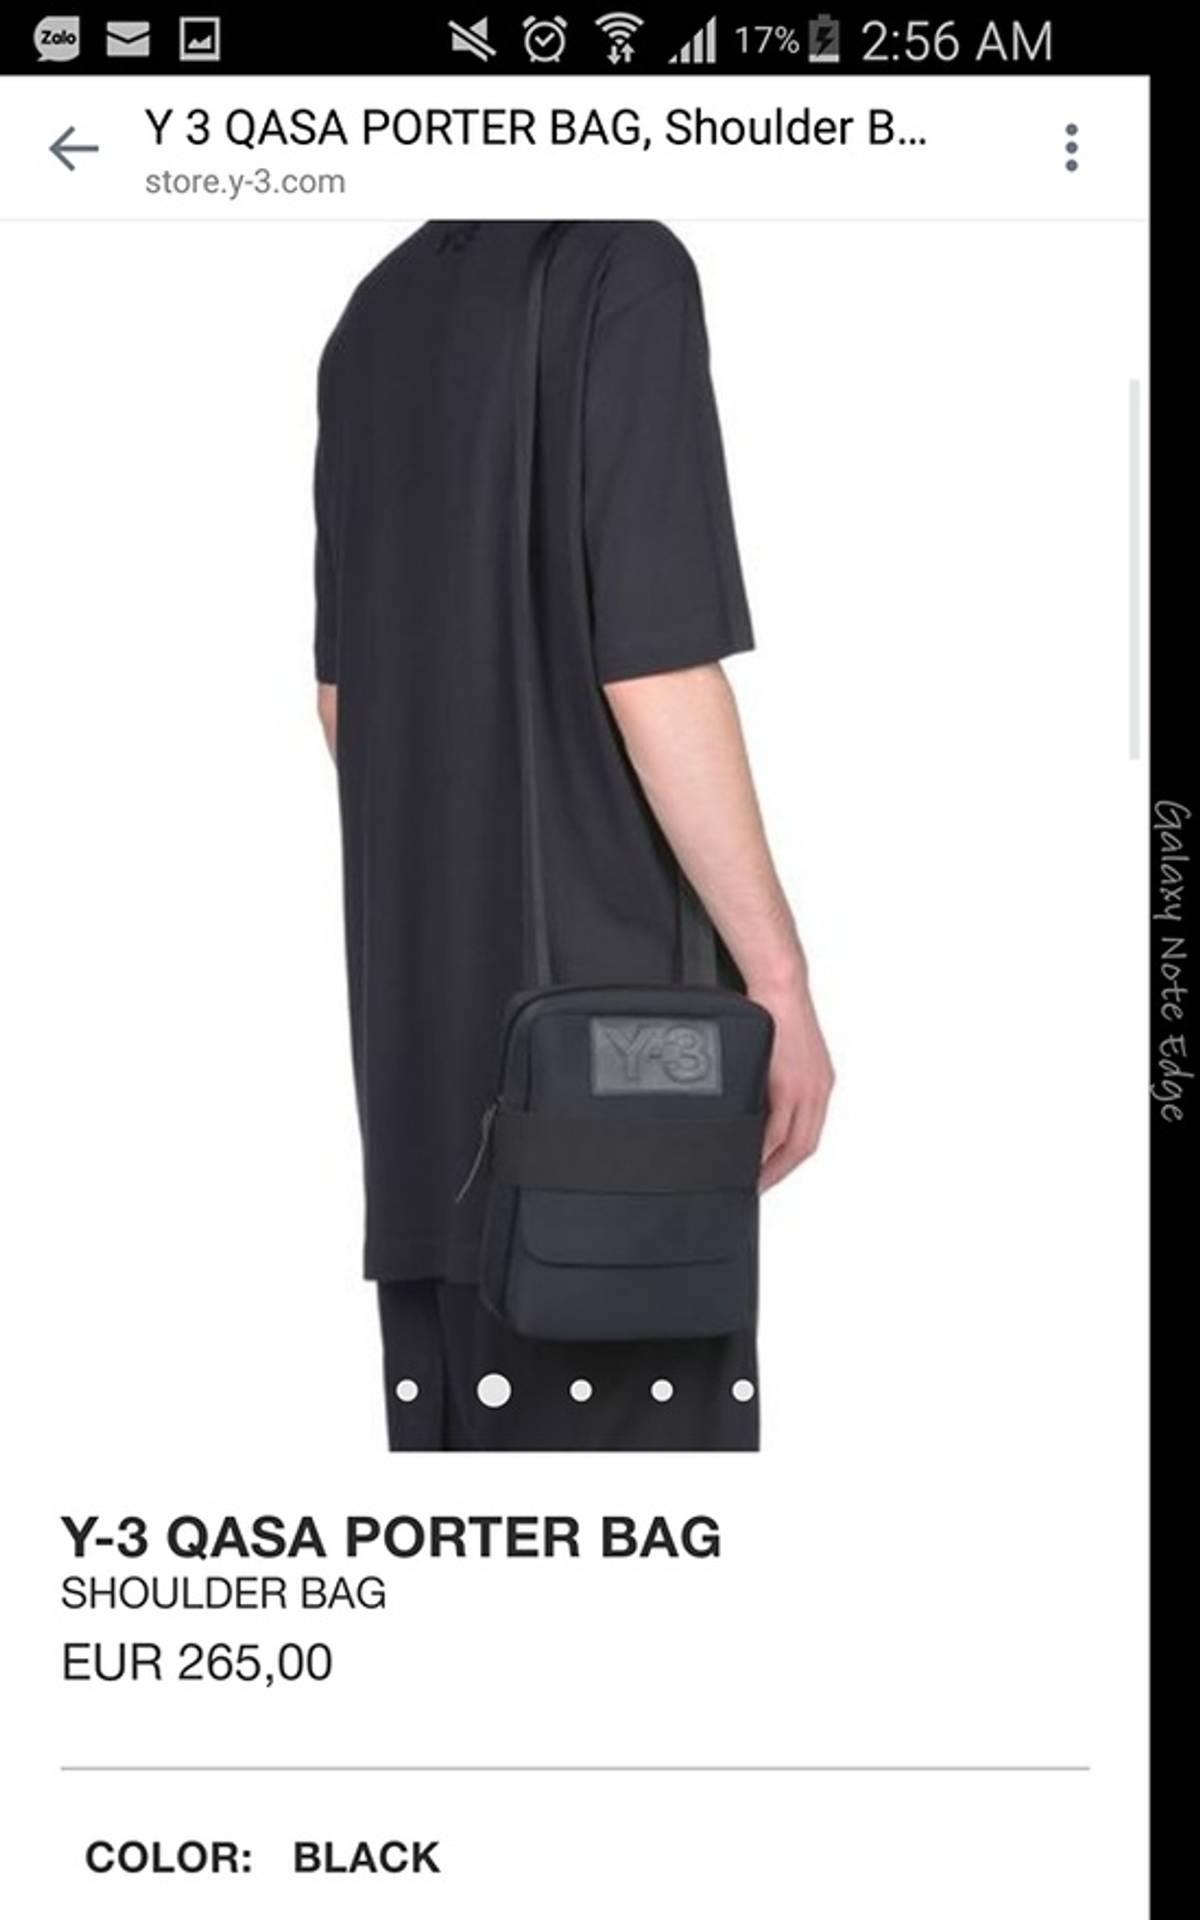 5db9b2fbf Y-3 BRAND NEW Y-3 QASA YOHJI YAMAMOTO Y3 PORTER SHOULDER BAG RETAIL 265€ SPRING  SUMMER 2017 Size one size - Bags   Luggage for Sale - Grailed